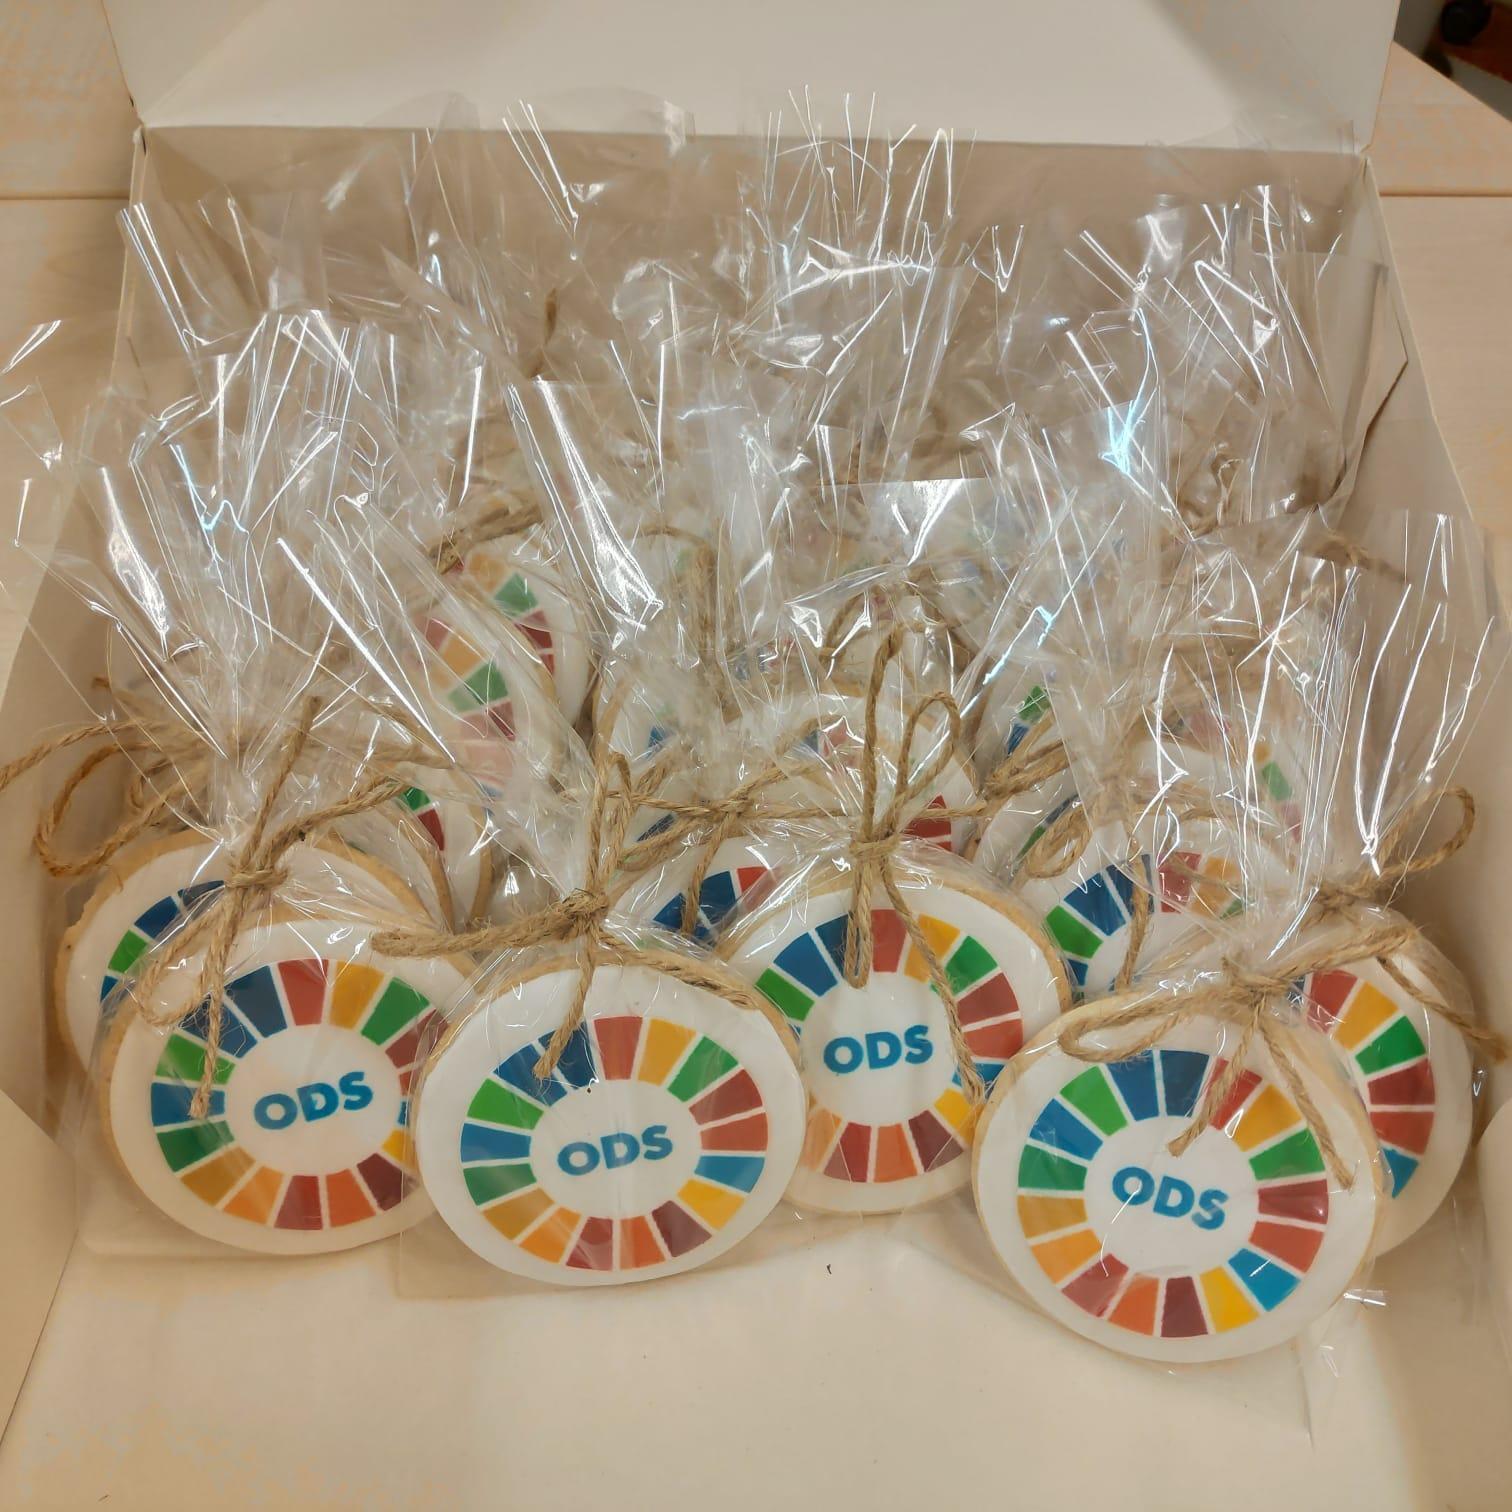 Obsequi per als participants del grup de treball dels 'Indicadors locals ODS'